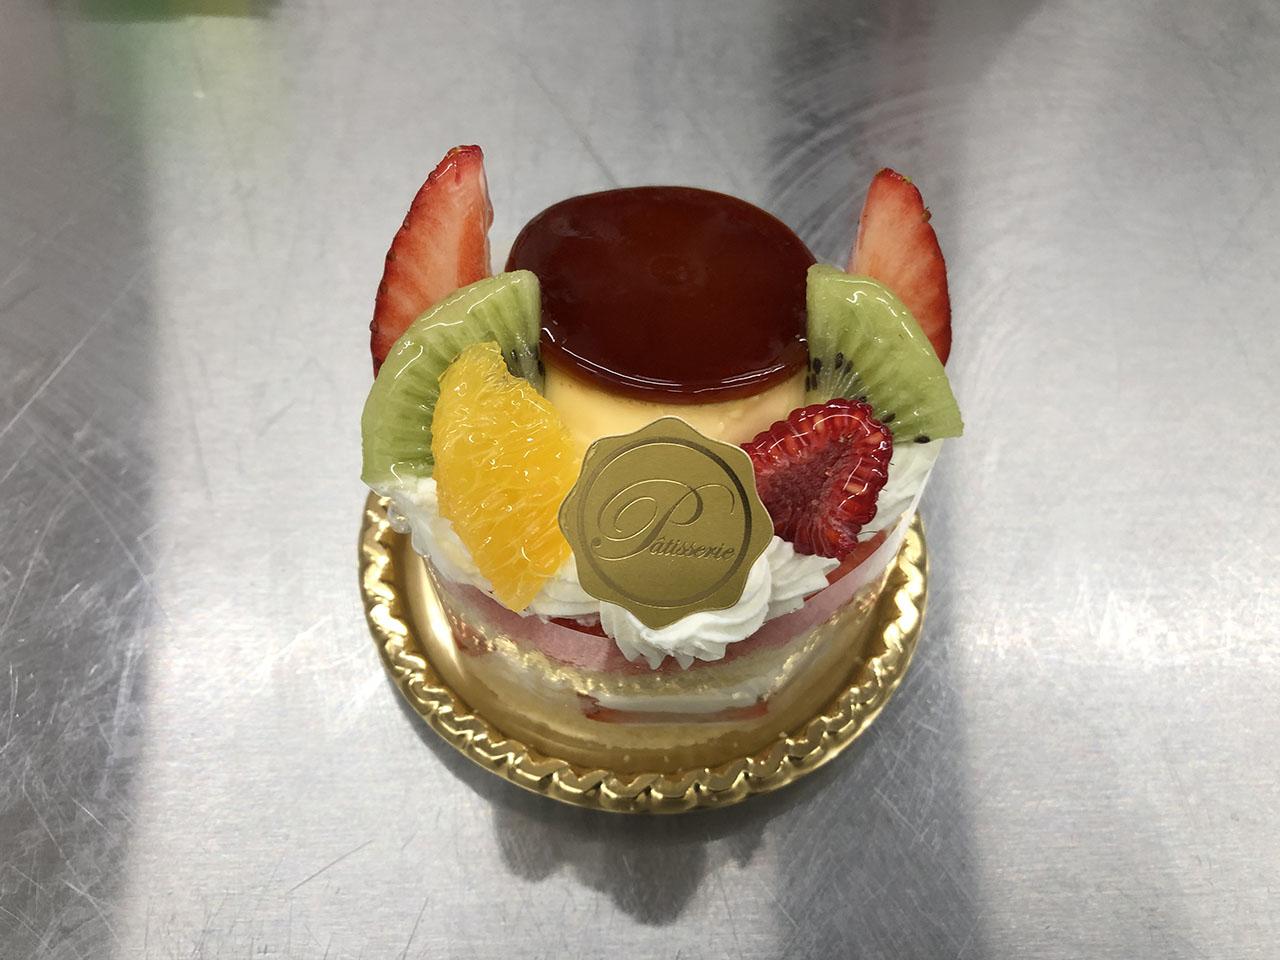 Marche de Sweets 横濱元町(マルシェ ド スウィーツ ヨコハマモトマチ)